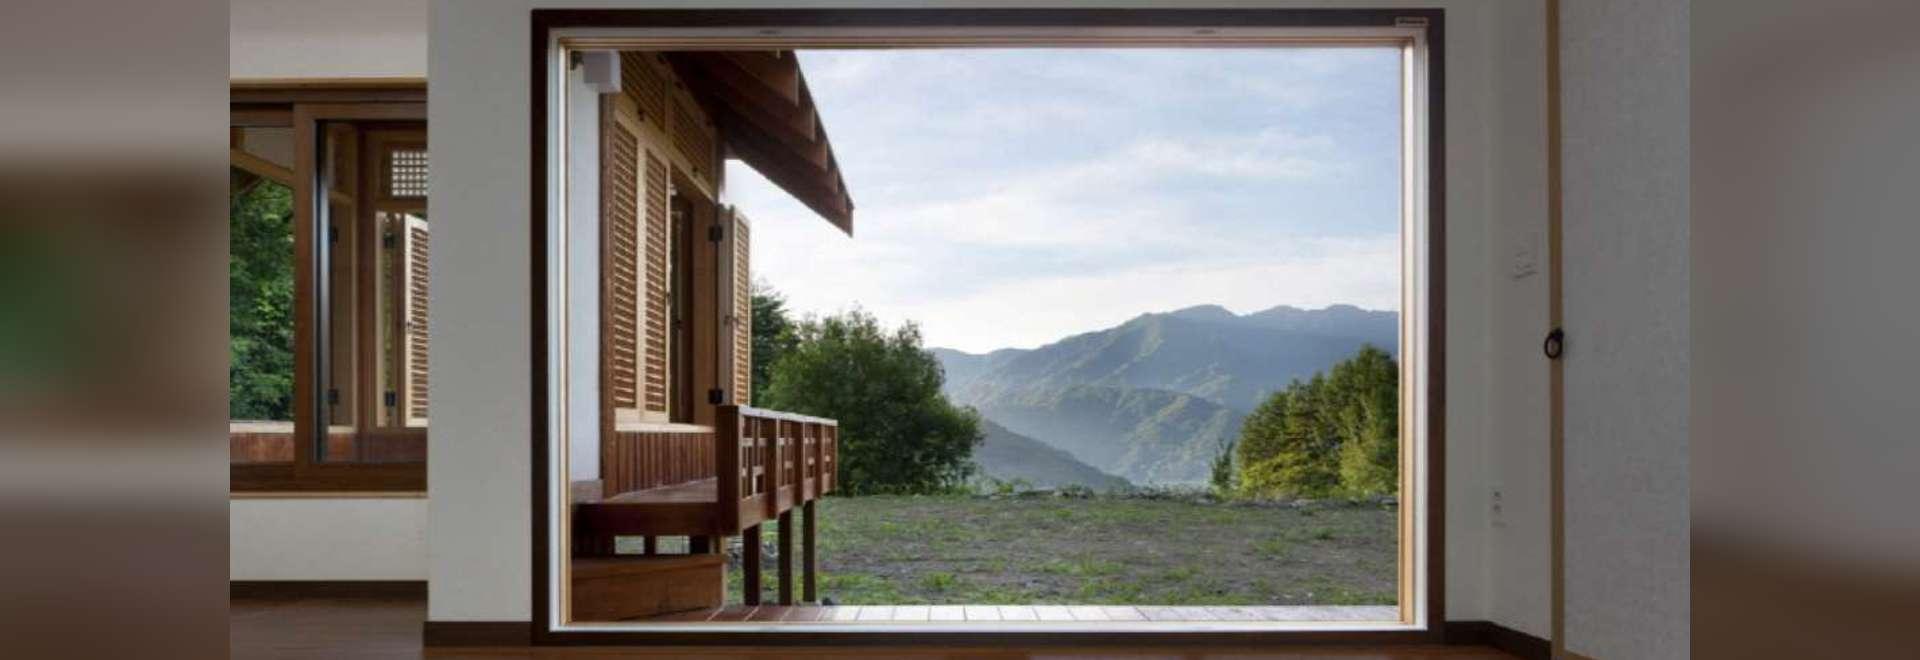 Neo-Traditionelle koreanische Häuser: 6 moderne Updates auf der ...